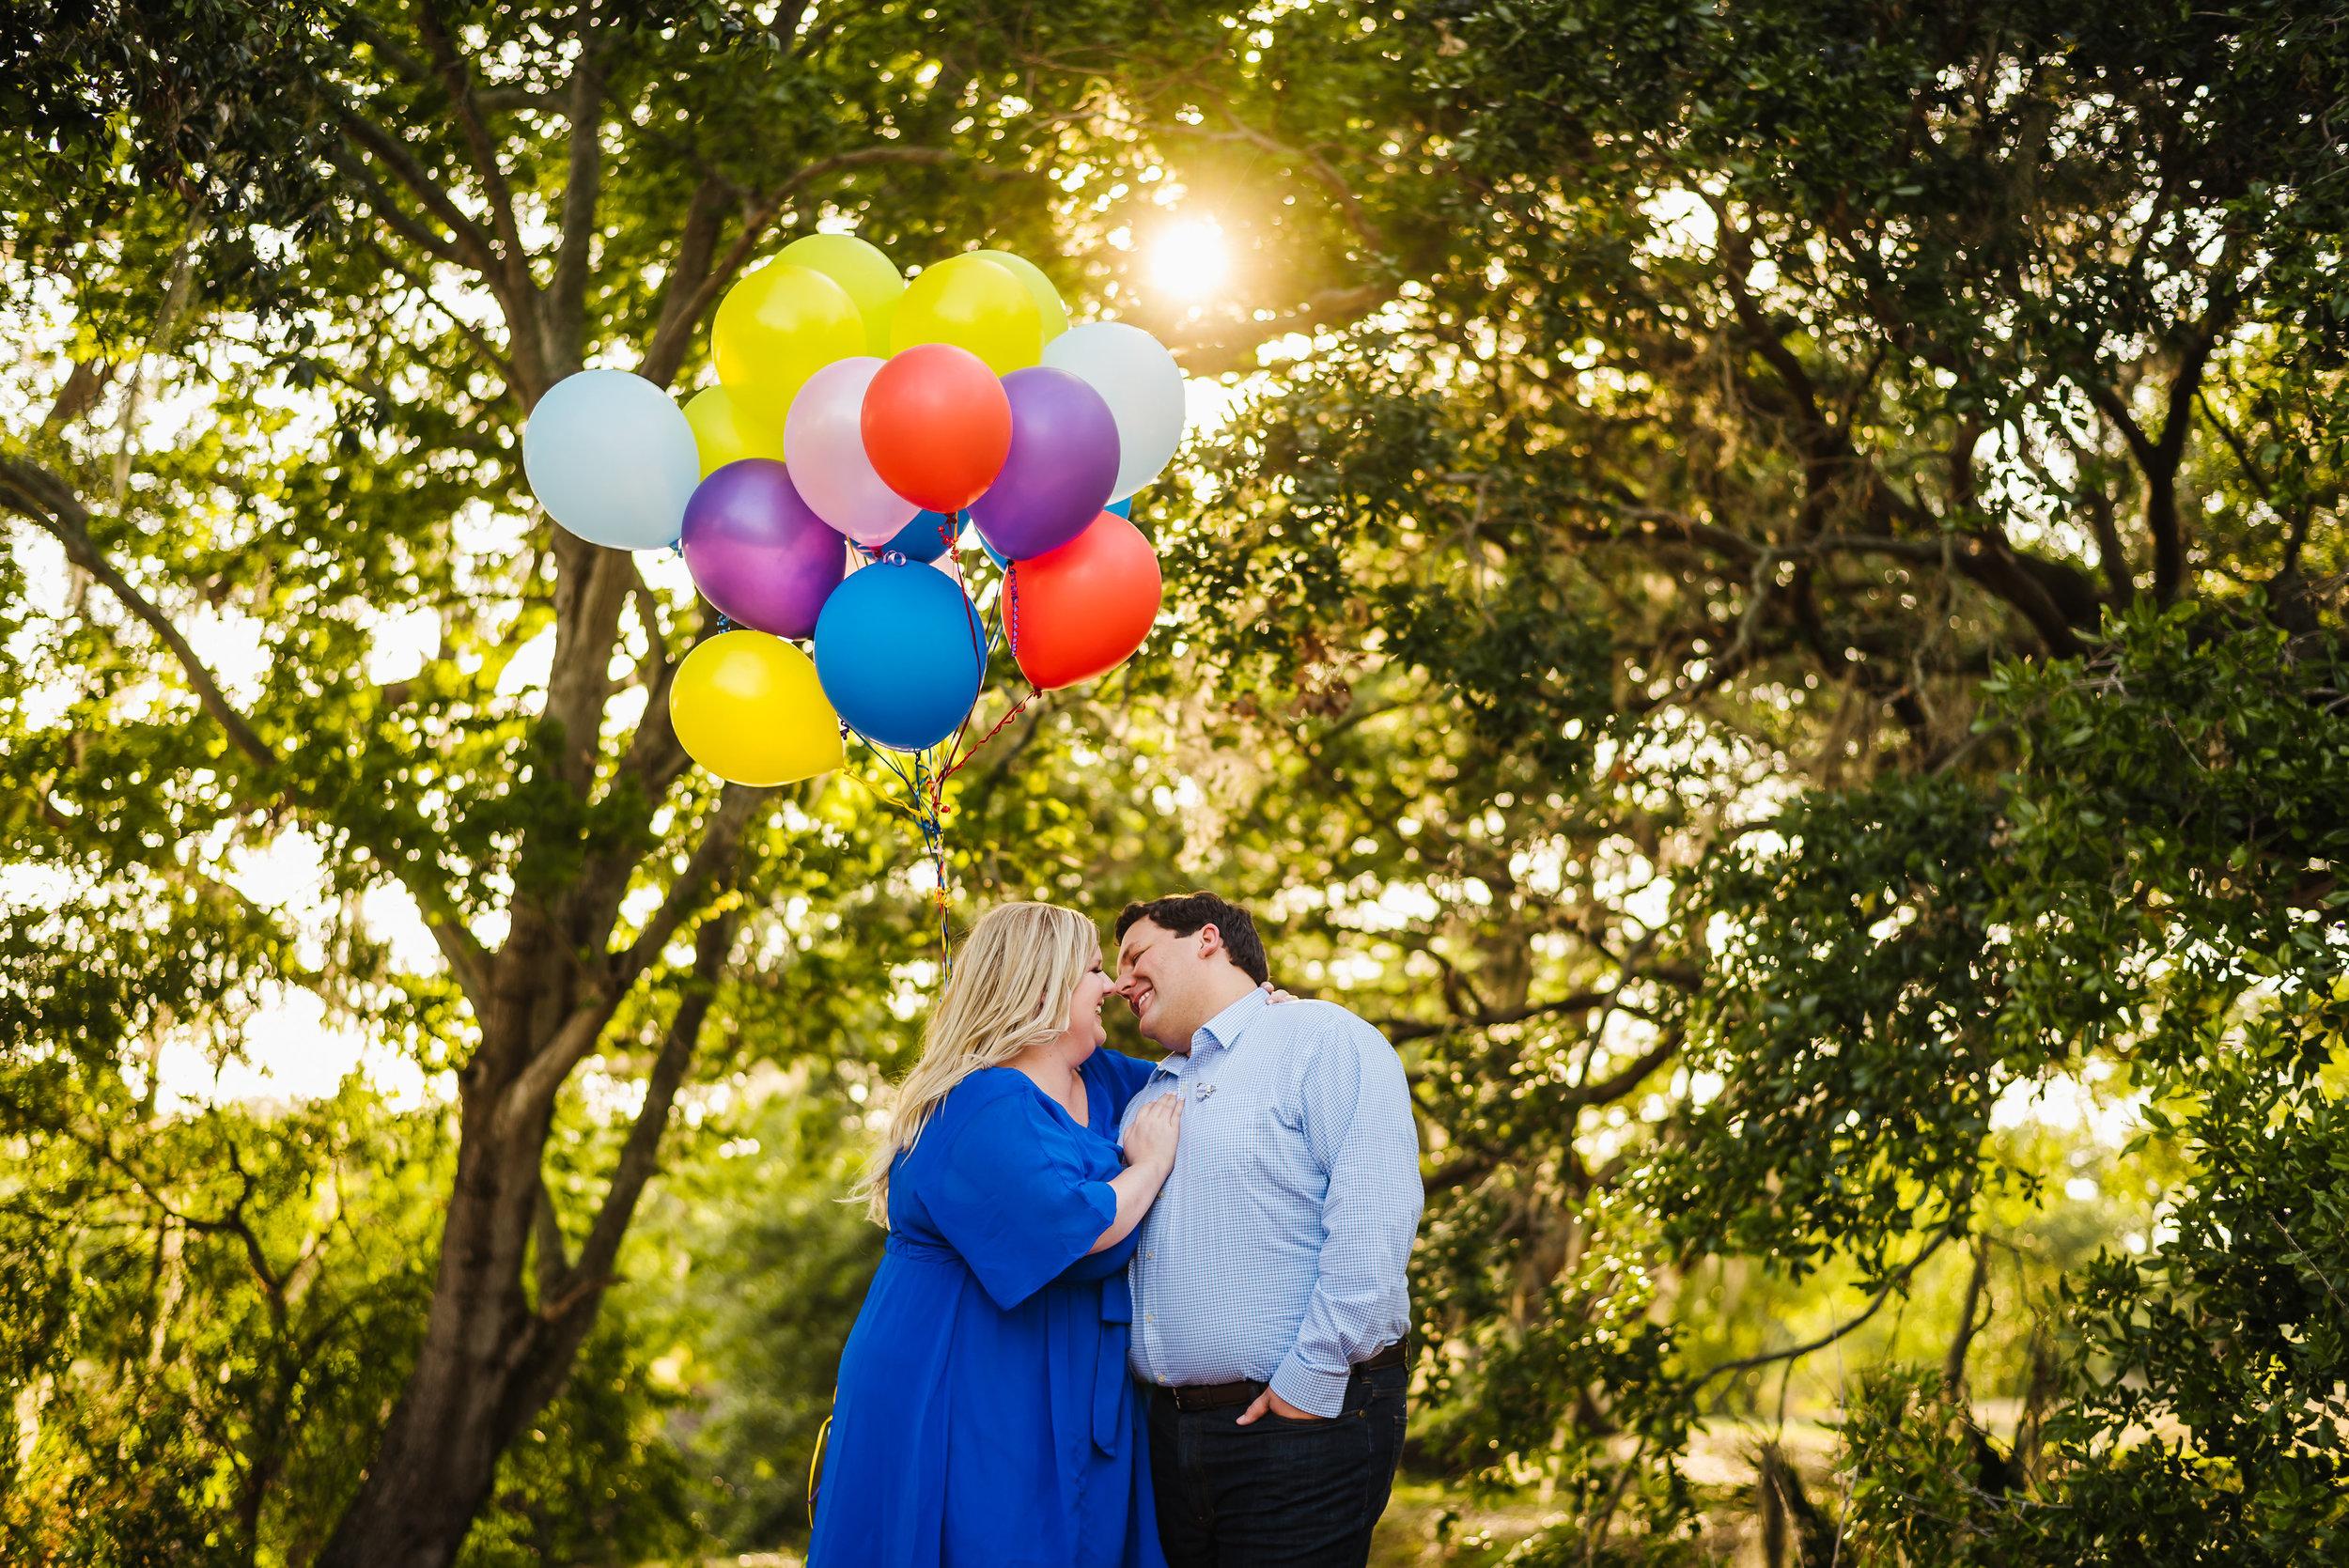 Tampa-Engagement-Photographer-Morris-Bridge-Balloons-Fun.jpg